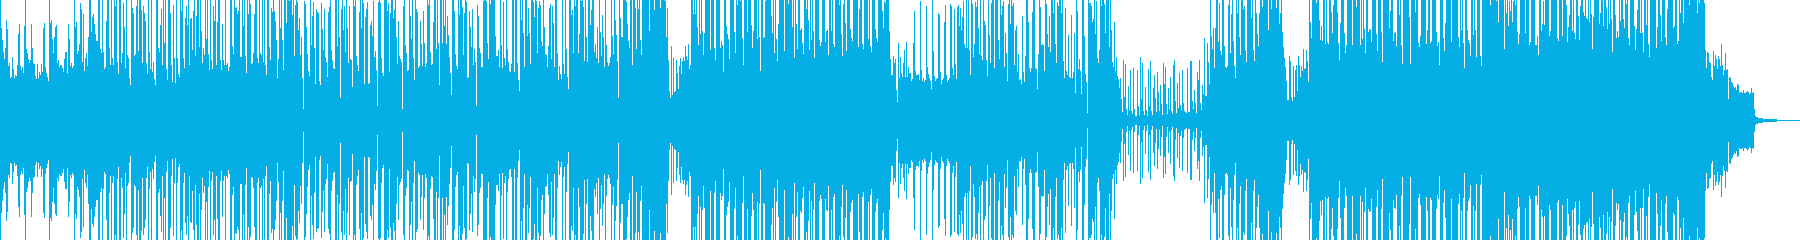 無機質でエモいアグレッシブビート 長尺の再生済みの波形